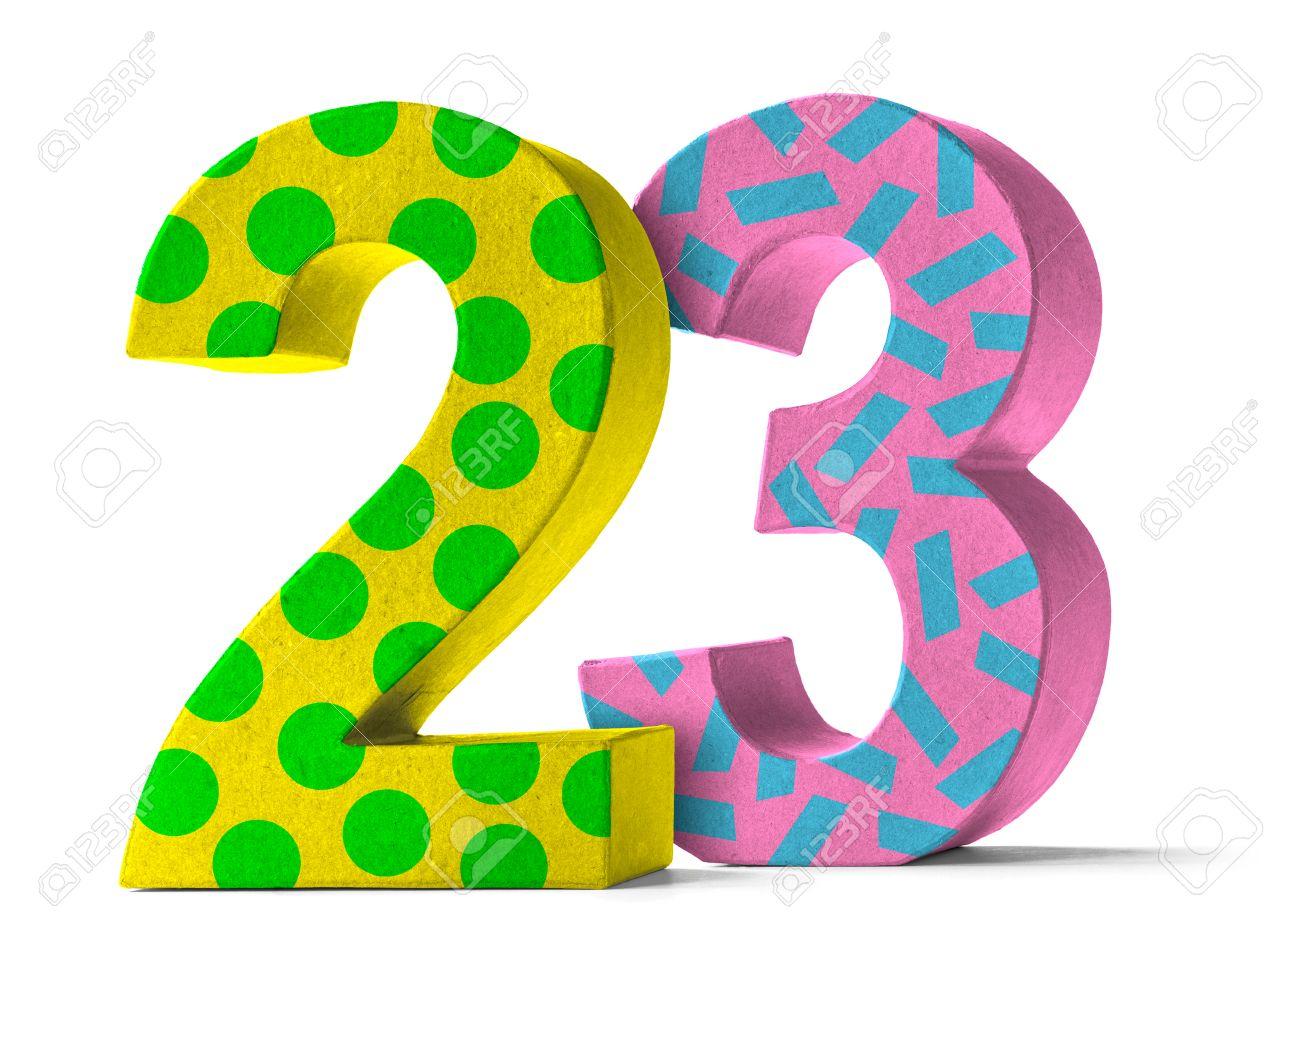 Numero Colorido Papel Mache Sobre Un Fondo Blanco Numero 23